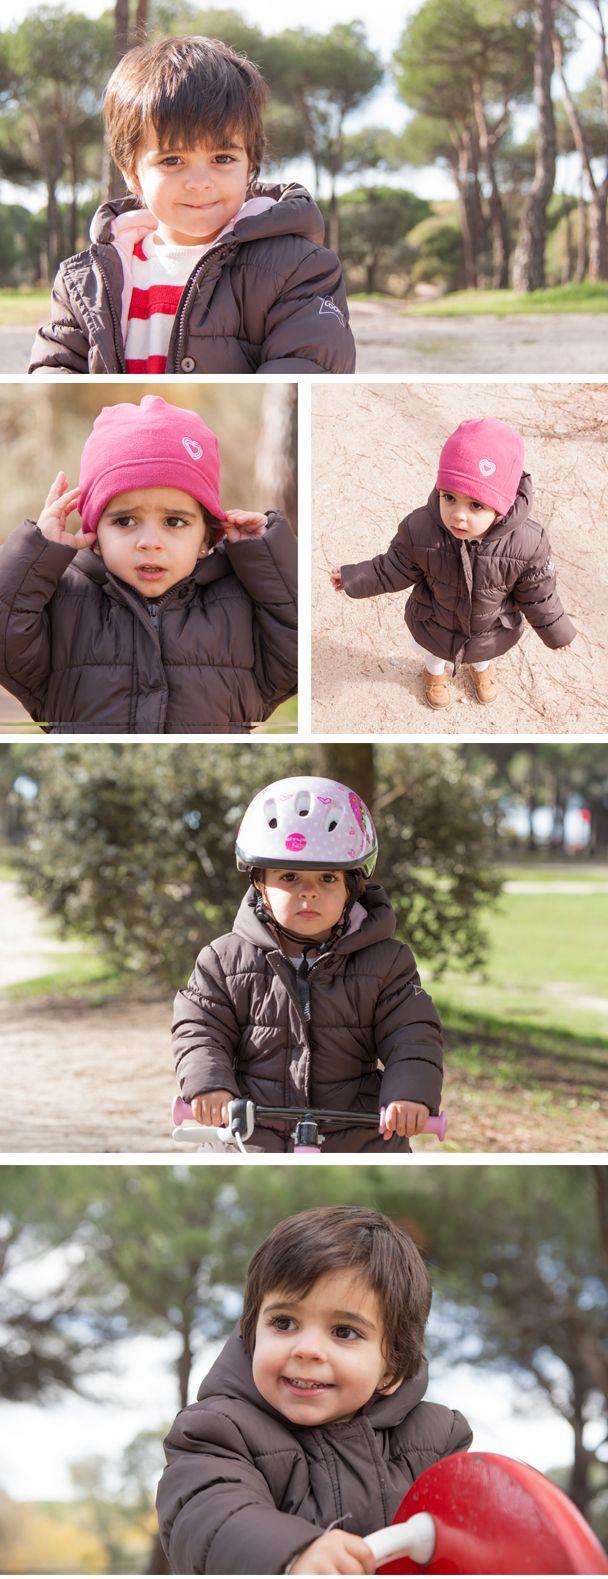 Paula en el parque